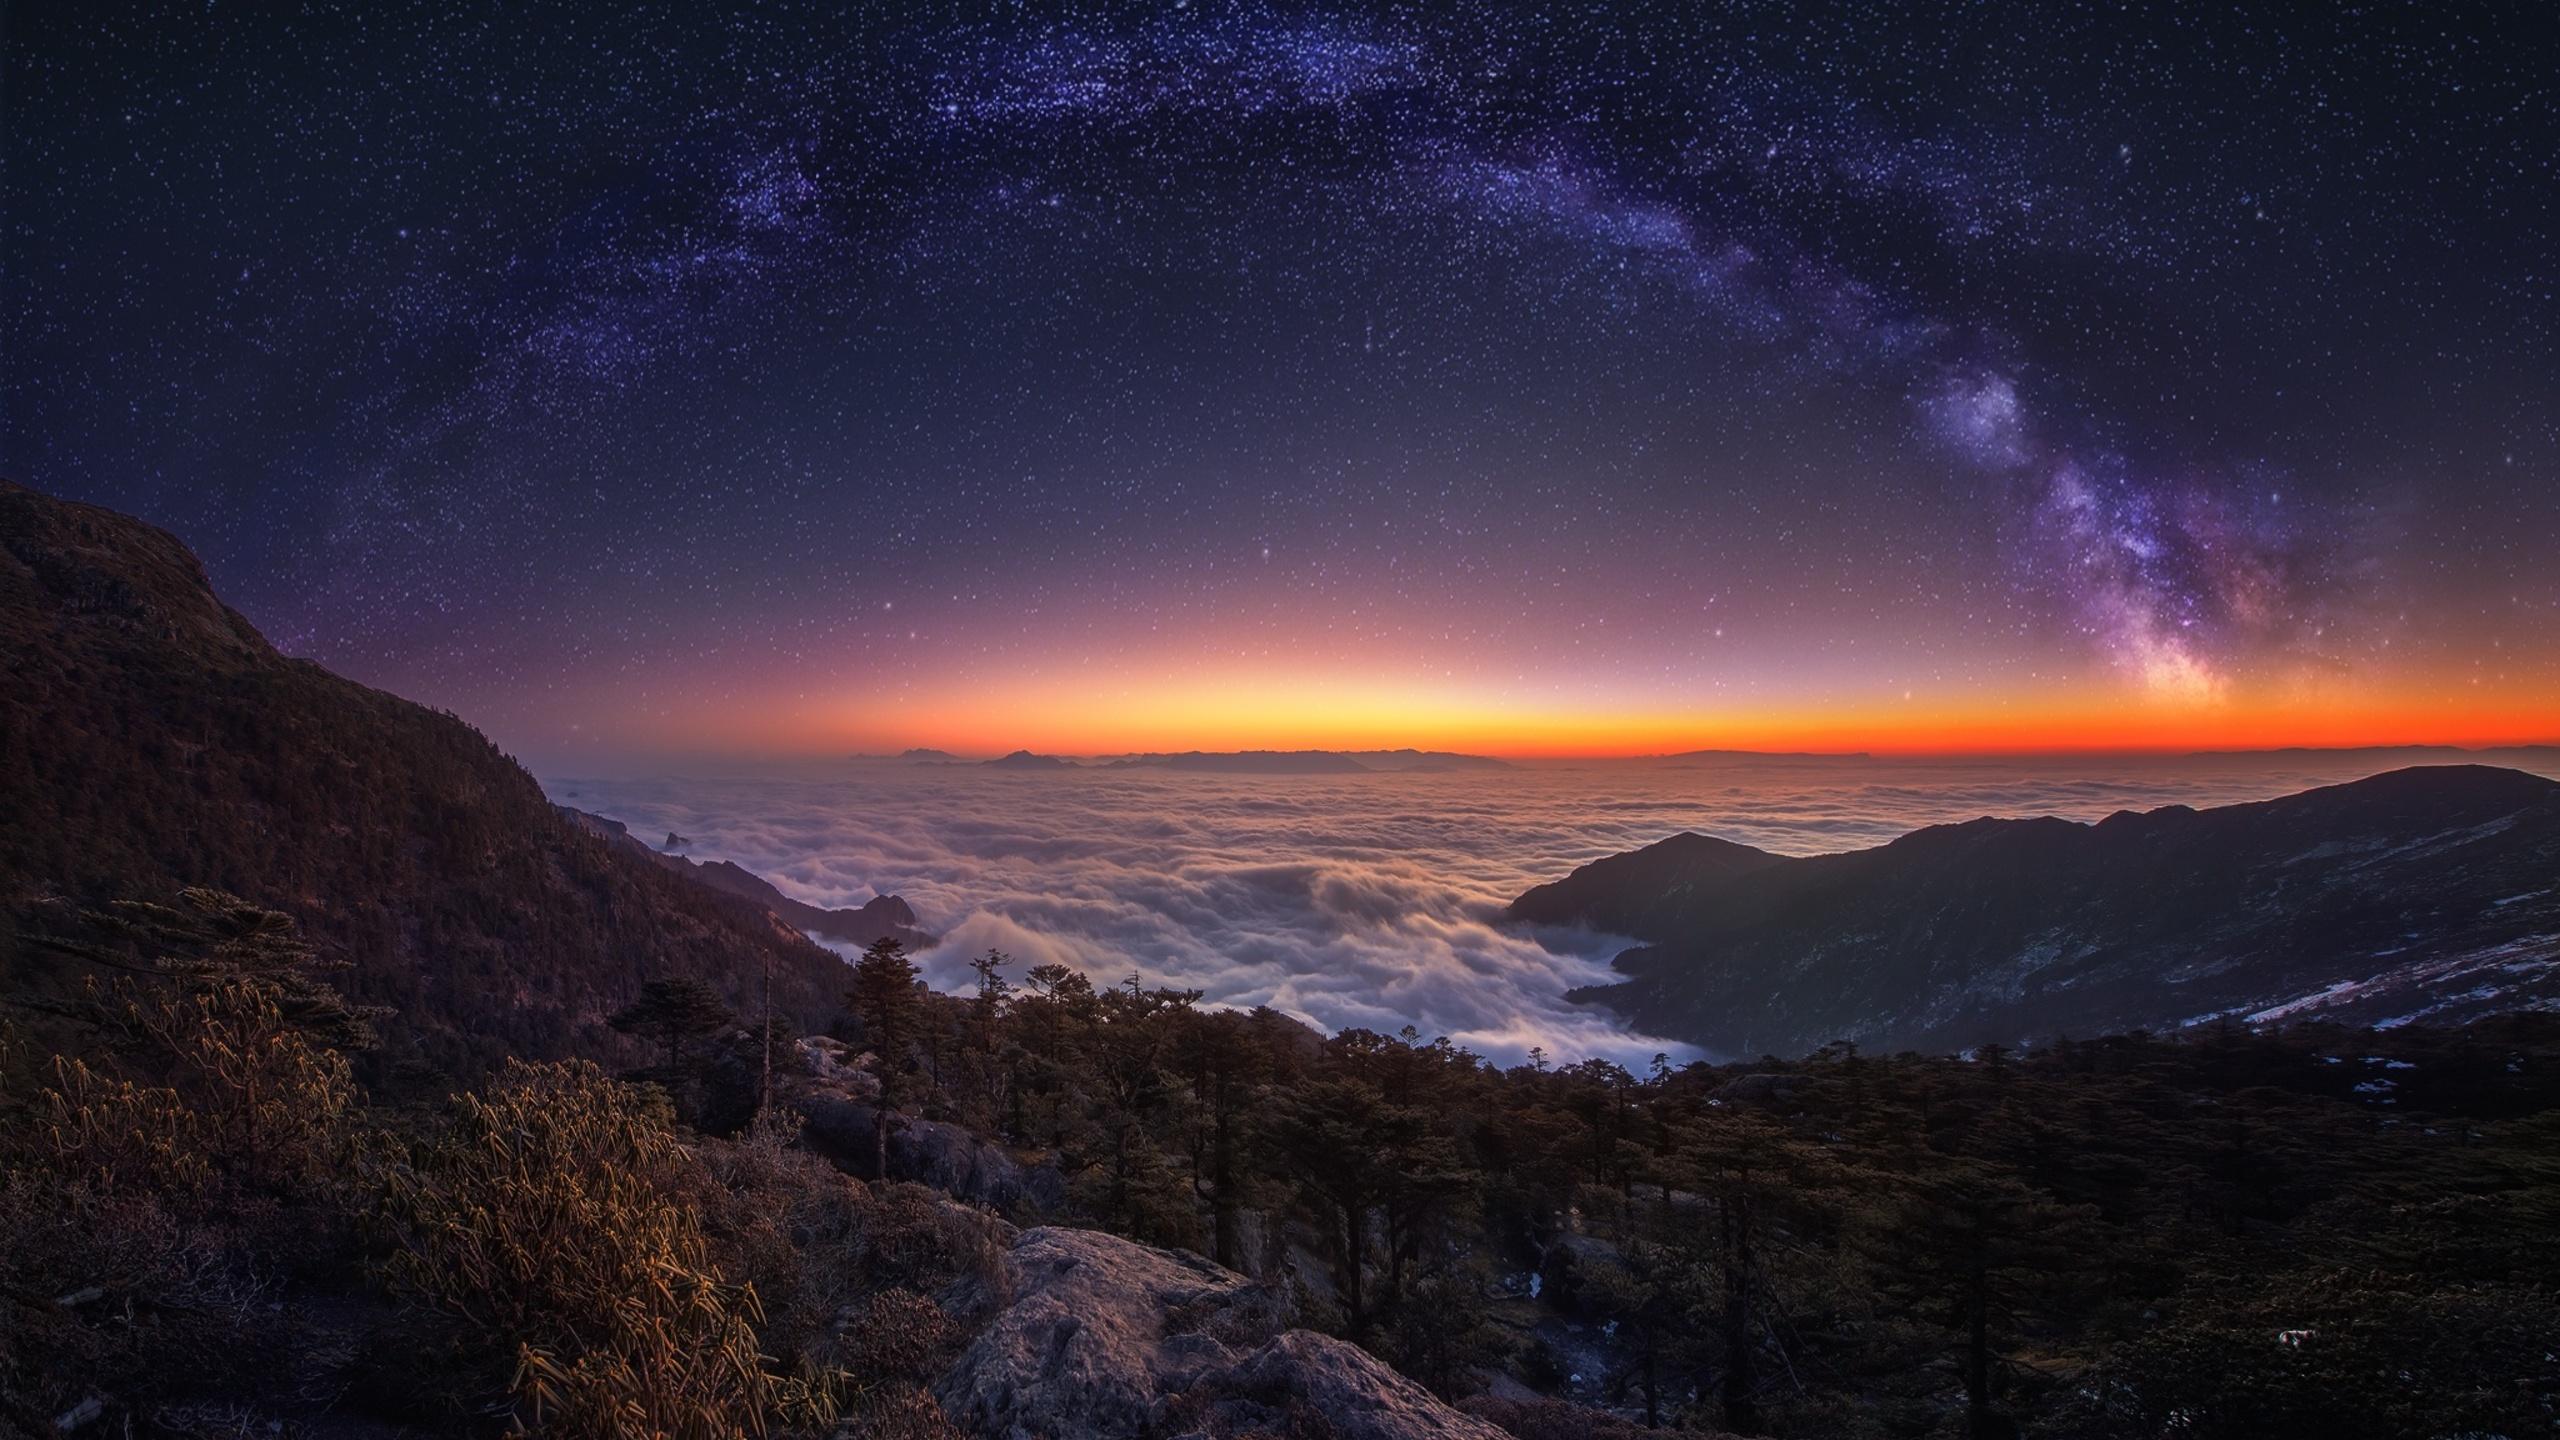 природа космос горы скалы небо звезды ночь  № 851840 бесплатно